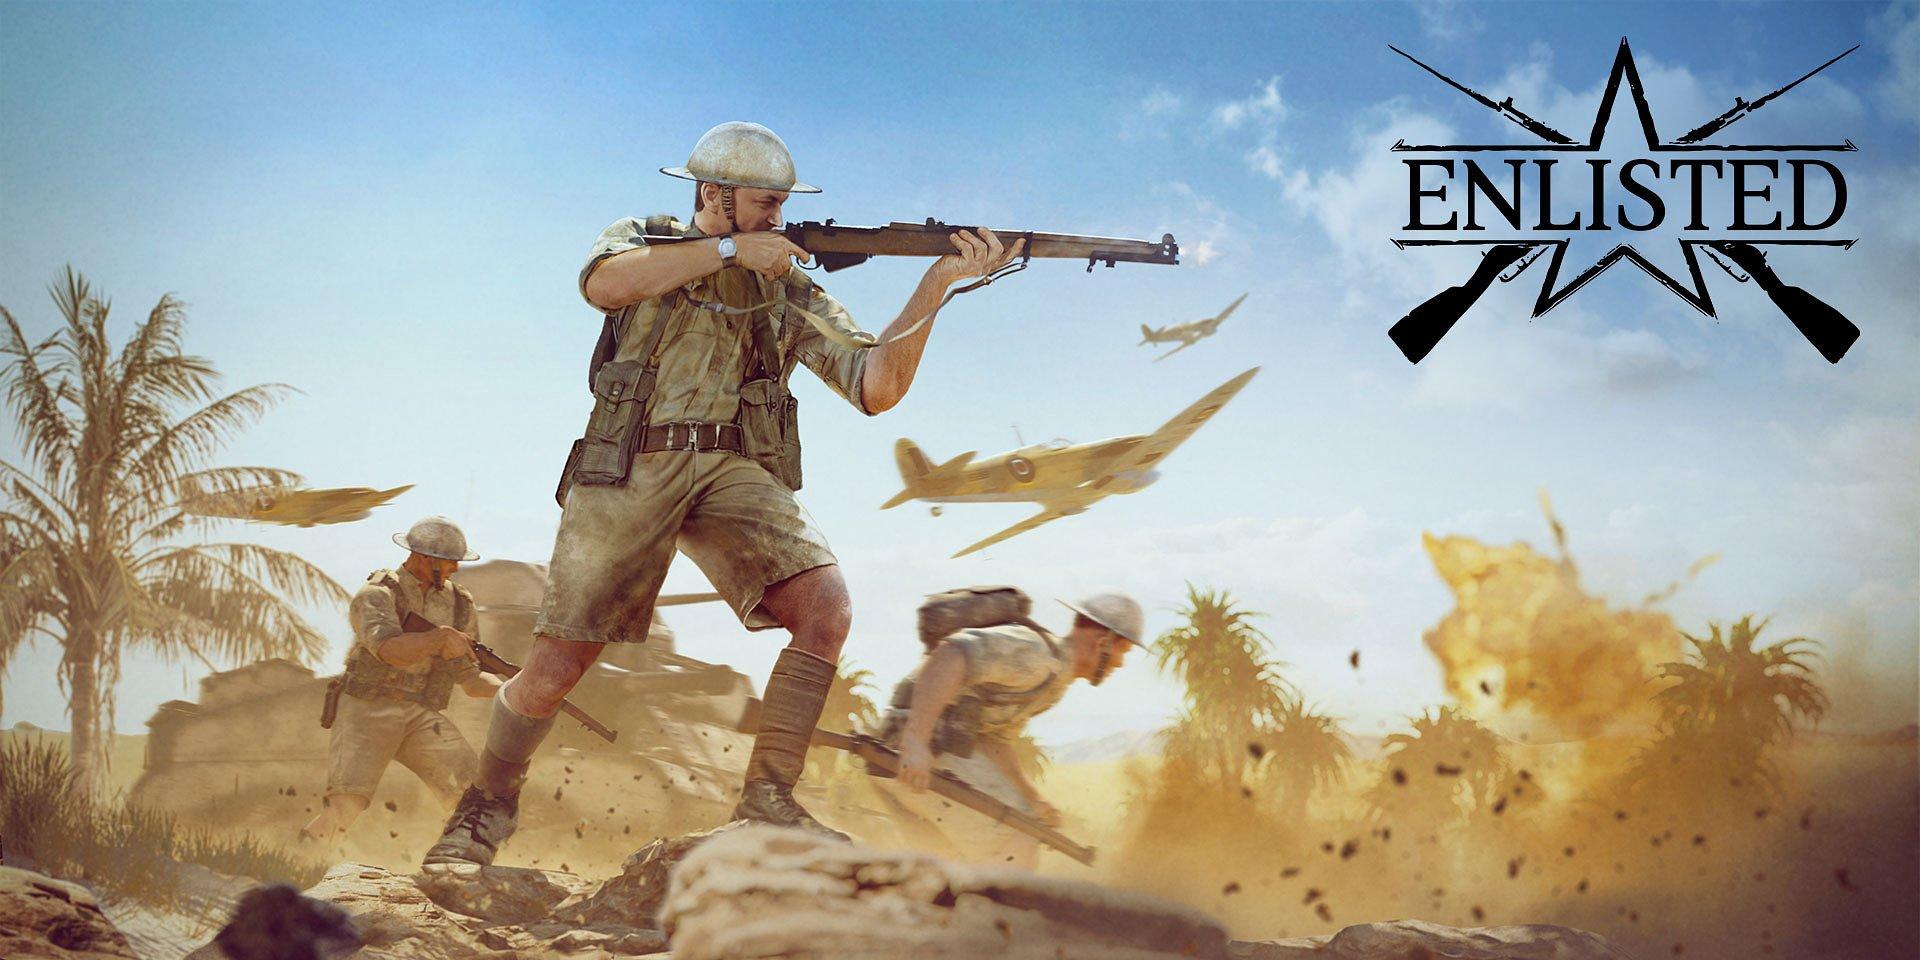 A Tunéziai csata, a zárt béta tesztelési kampány indul a Enlisted játékban